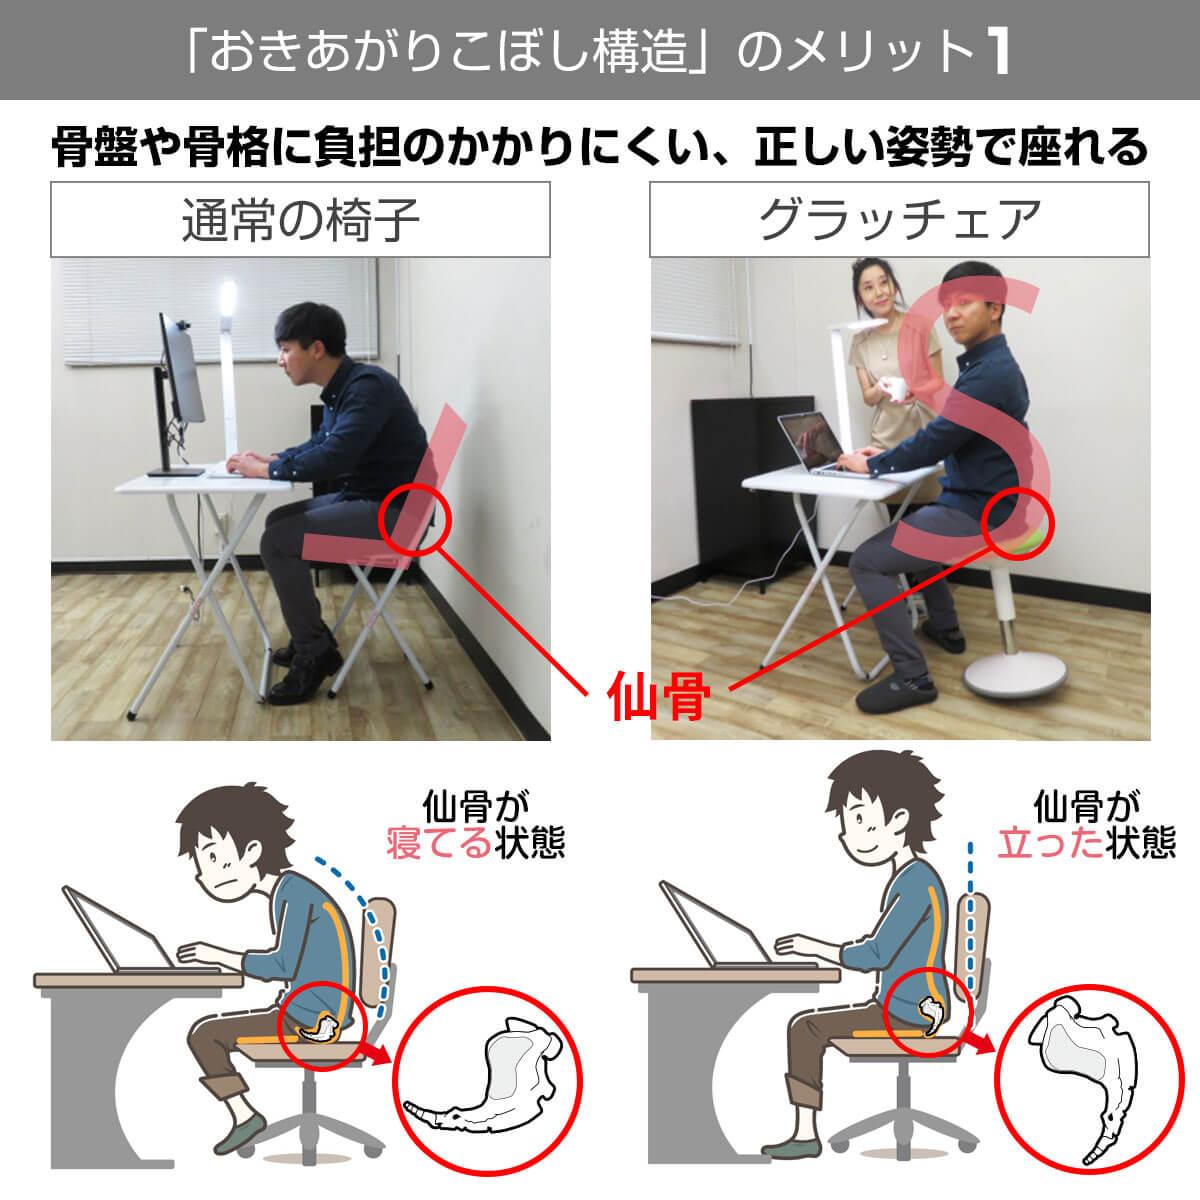 バランスチェア テレワーク 大人 腰痛 子供 姿勢 イージー グラッチェア 椅子 スイングチェア スイング 姿勢改善 骨盤サポートチェア リモートワーク 小さい フィットネスチェア 在宅勤務 カフェ 喫茶店 1人暮らし 必要なもの